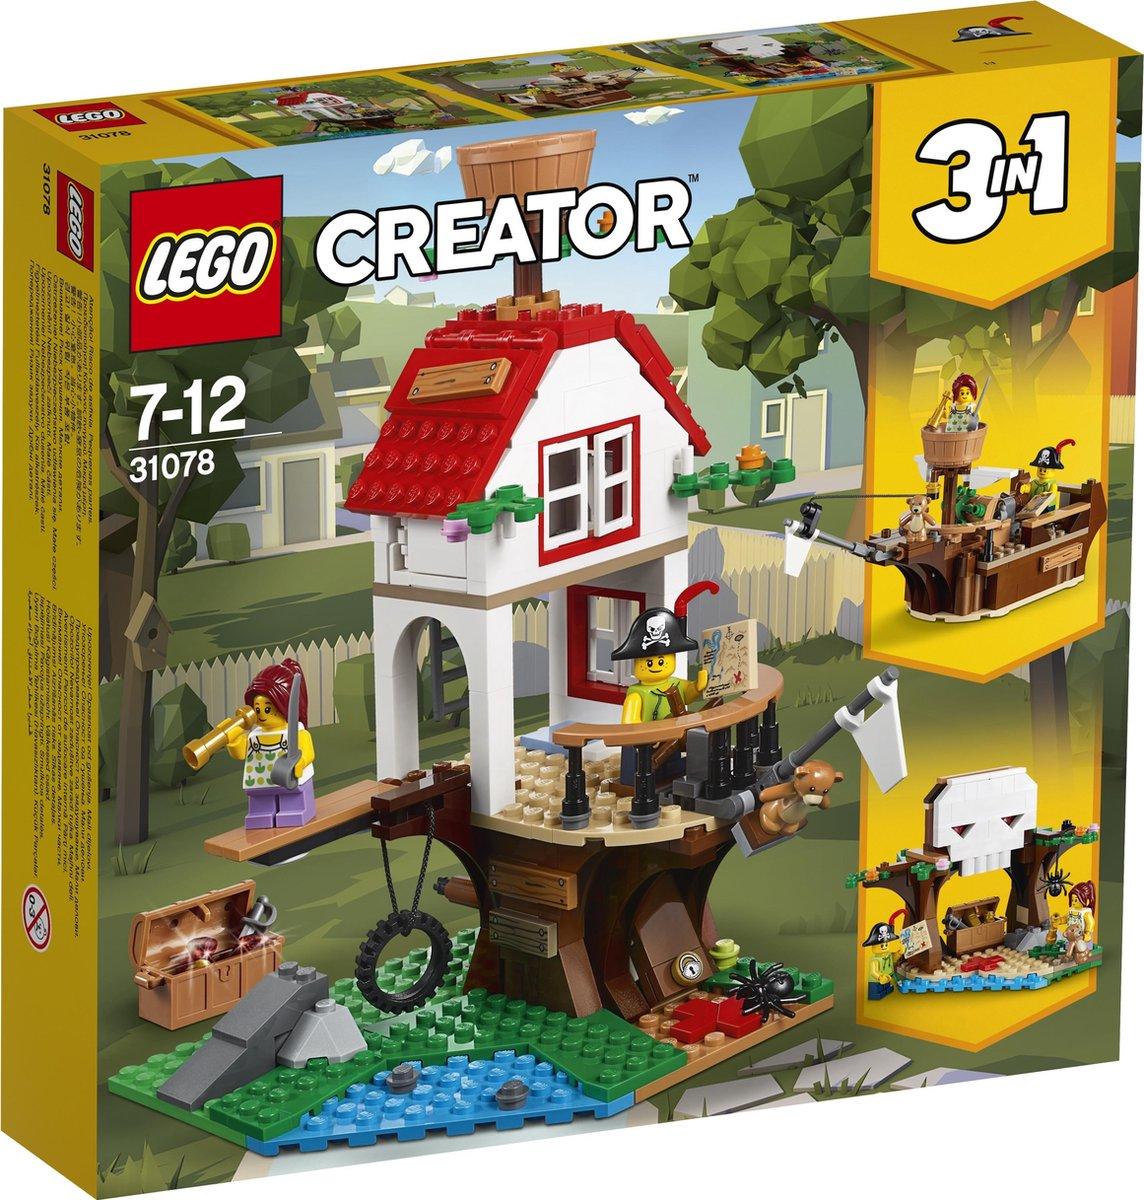 LEGO Creator 31078 Boomhuis Schatten